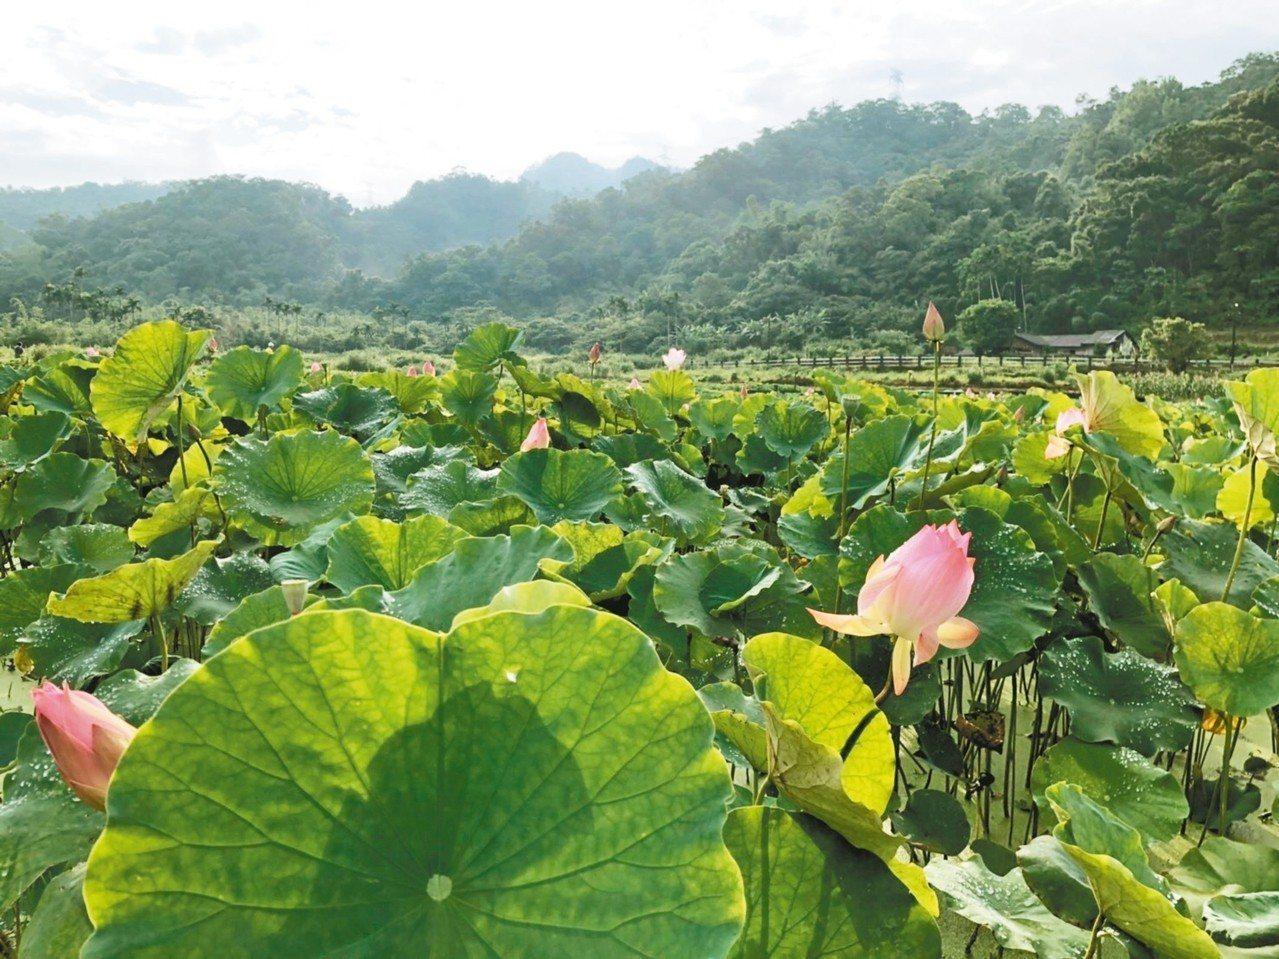 荷花季正要開始,有紅、淡紅、粉紅、粉白等花色。 圖/新北市景觀處提供